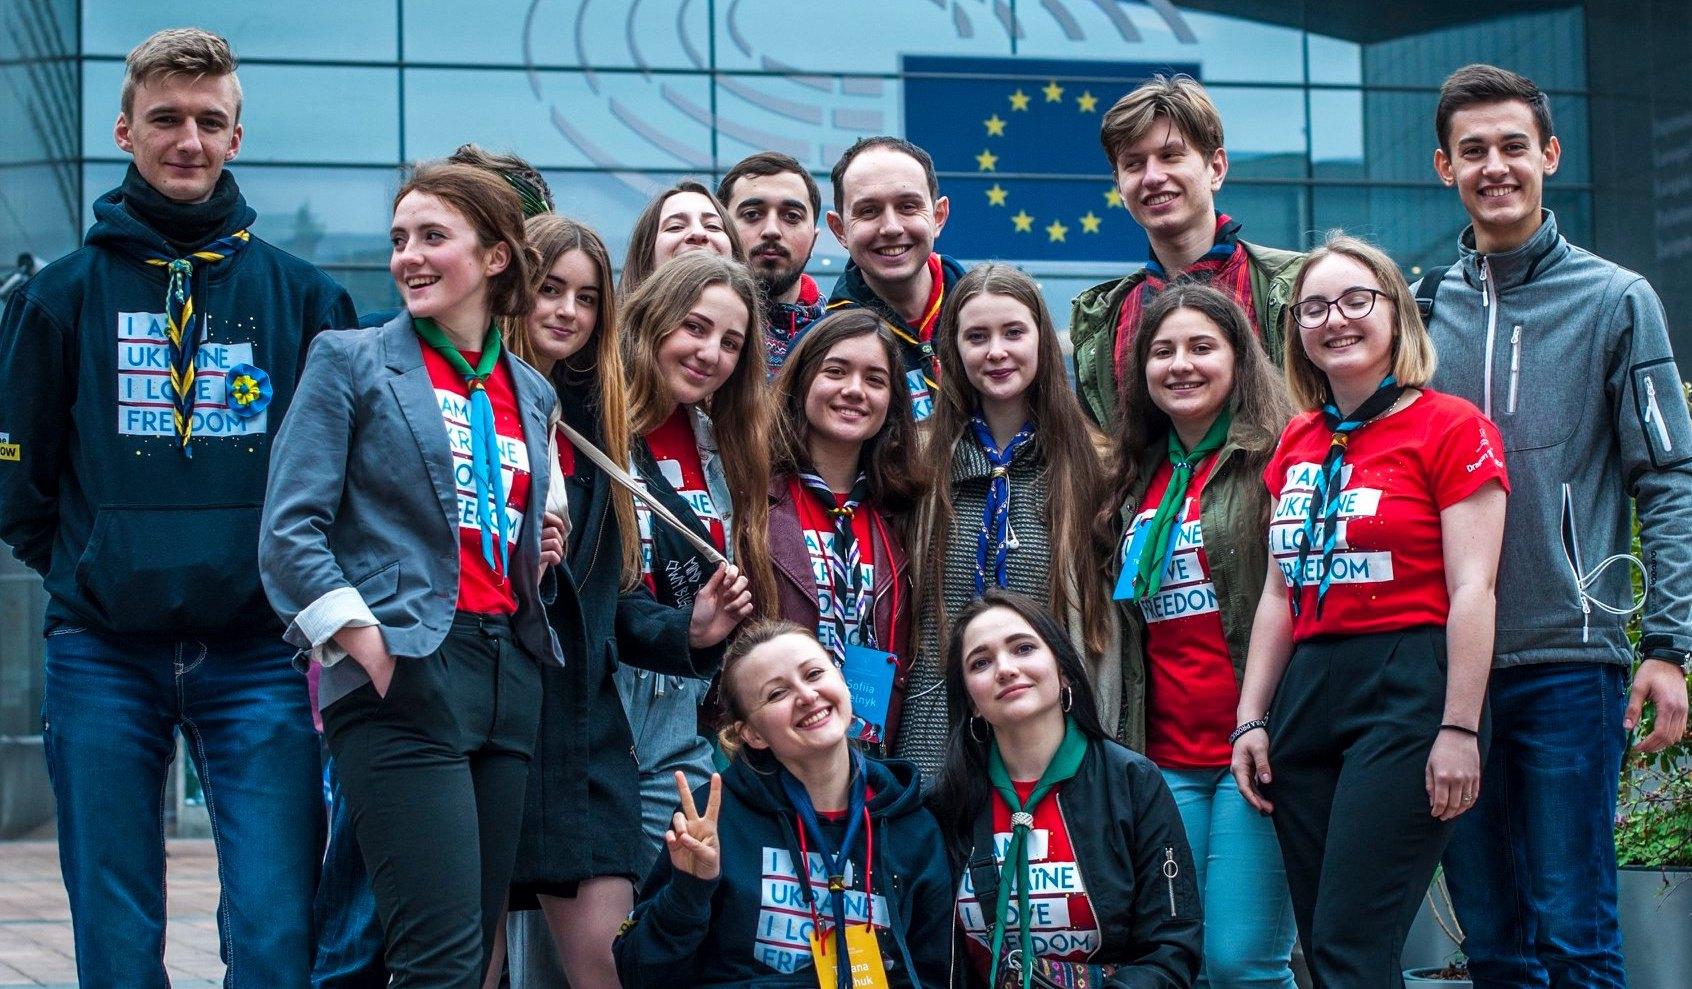 УАЛ: цінності, менторство, вишколи — що об'єднує Пласт та Українську академію лідерства?